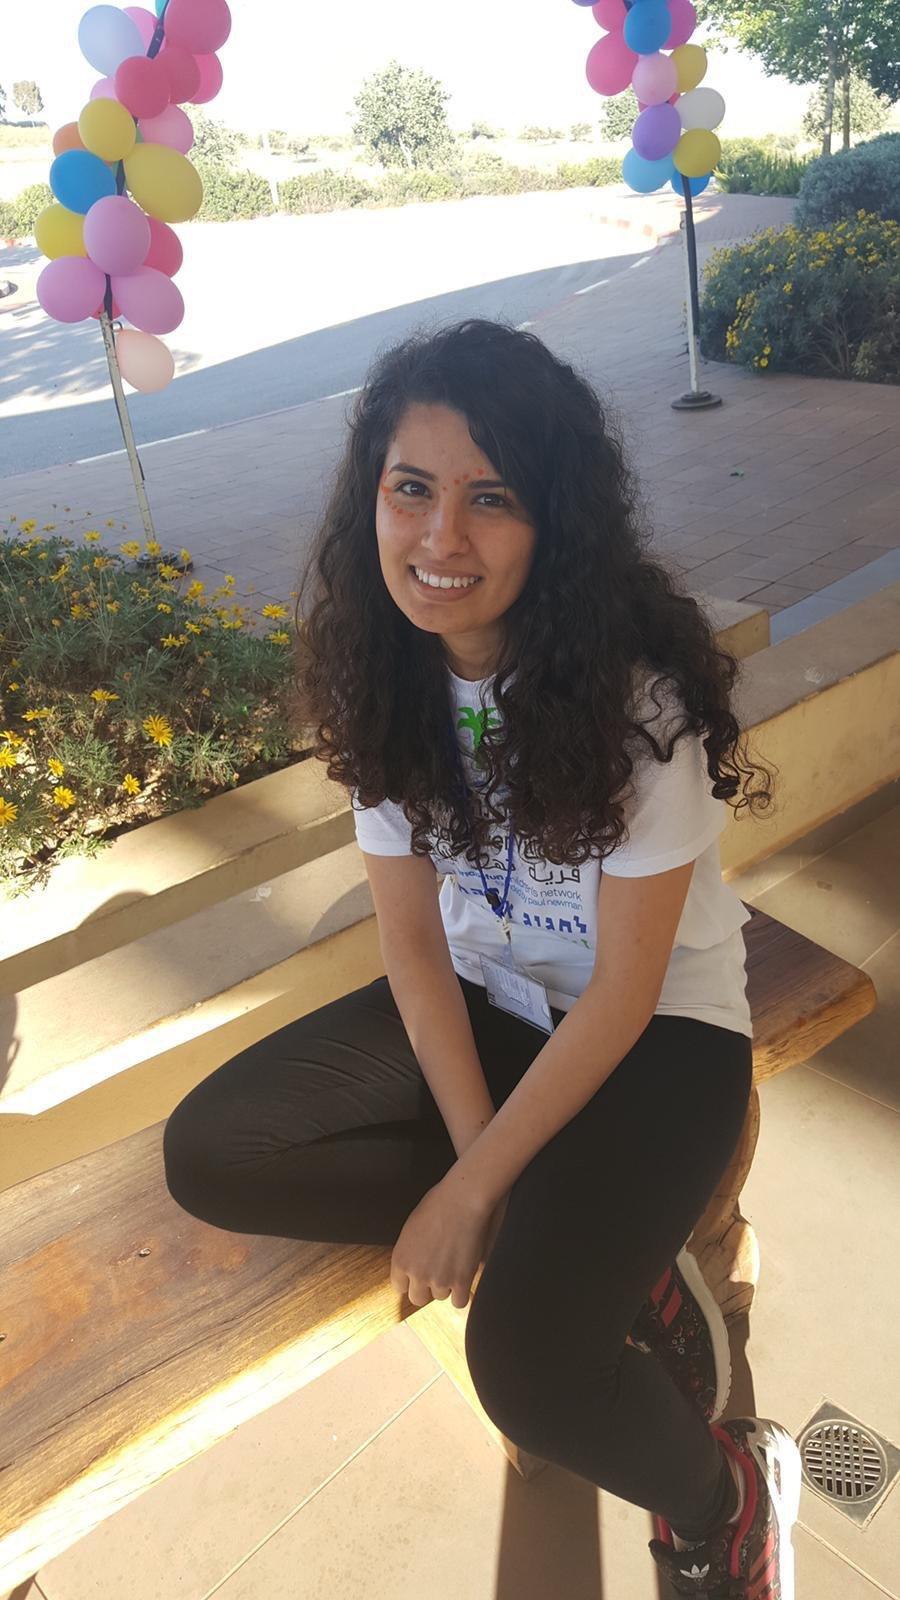 آية نعامنة طالبة متفوقة سخرت عطاءها لخدمة المجتمع ومحبة الحياة